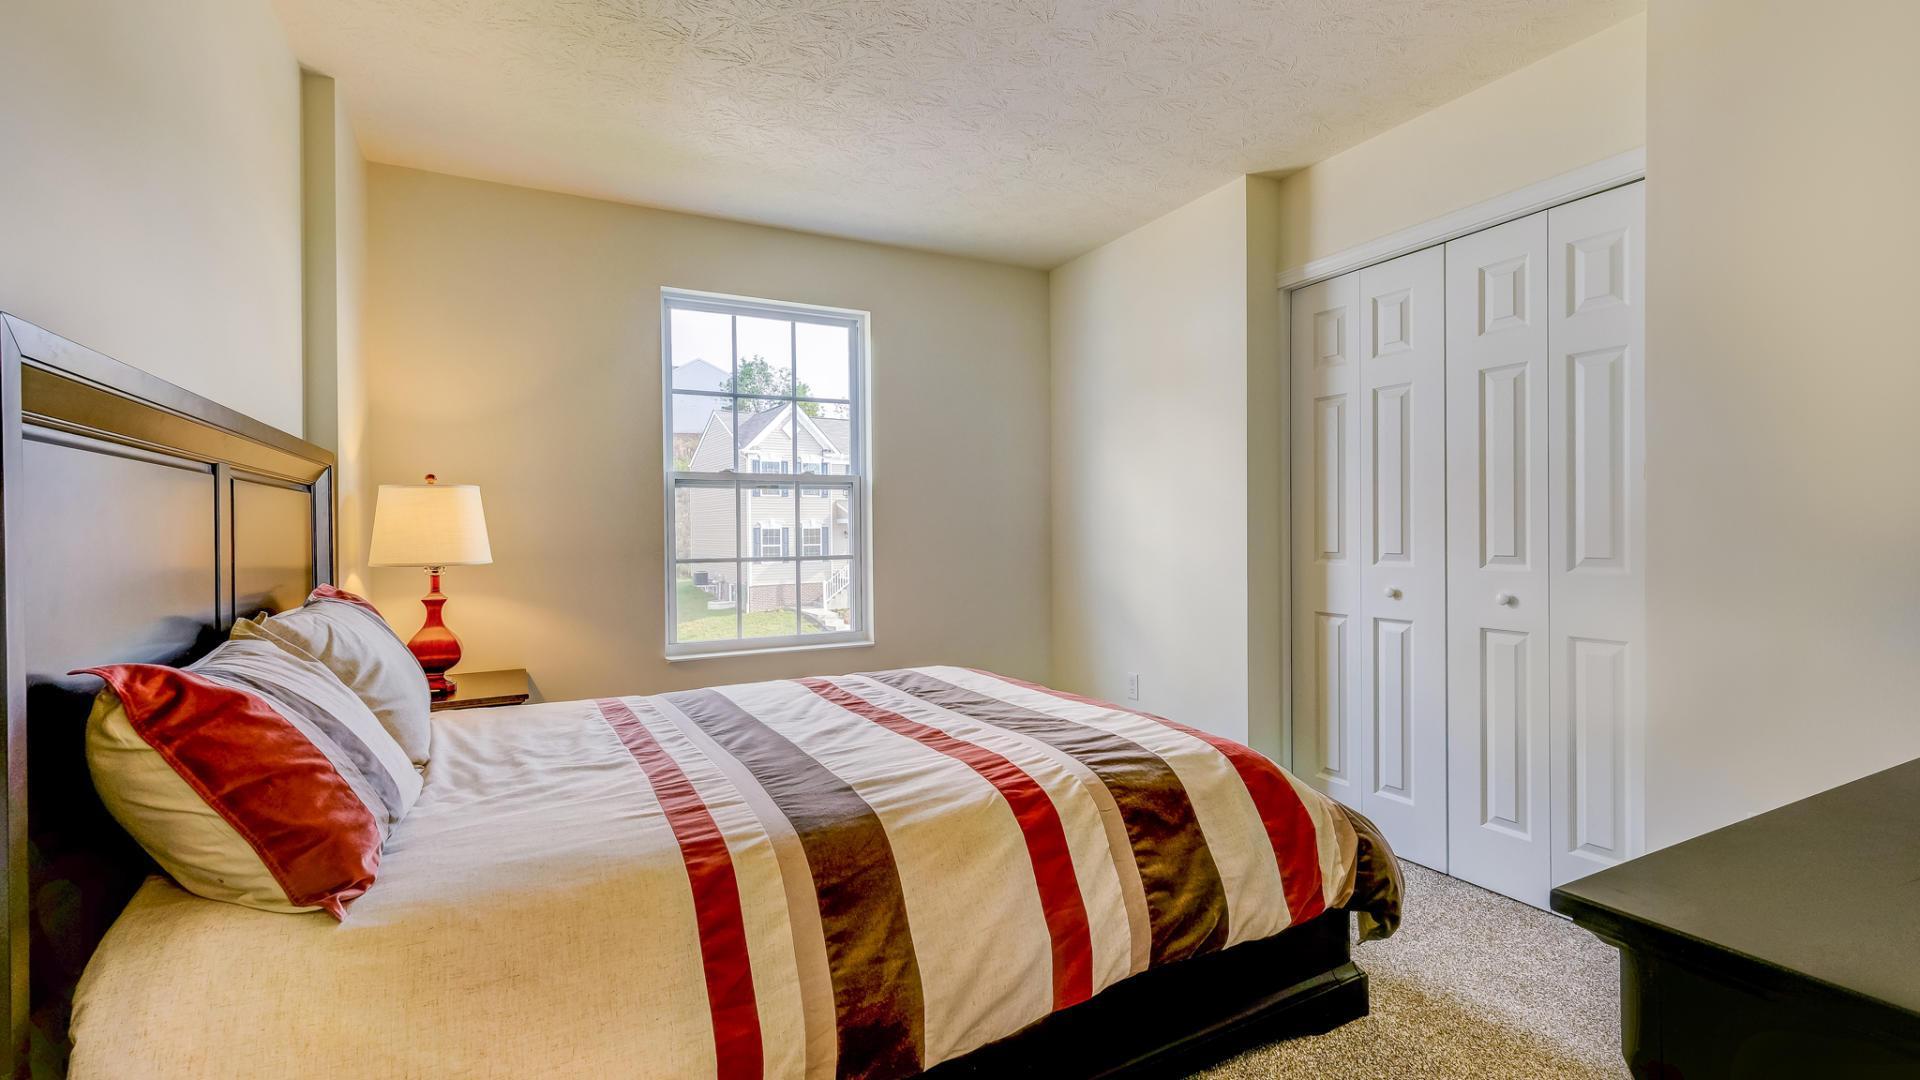 Bedroom featured in the Dallas By Maronda Homes in Cincinnati, OH